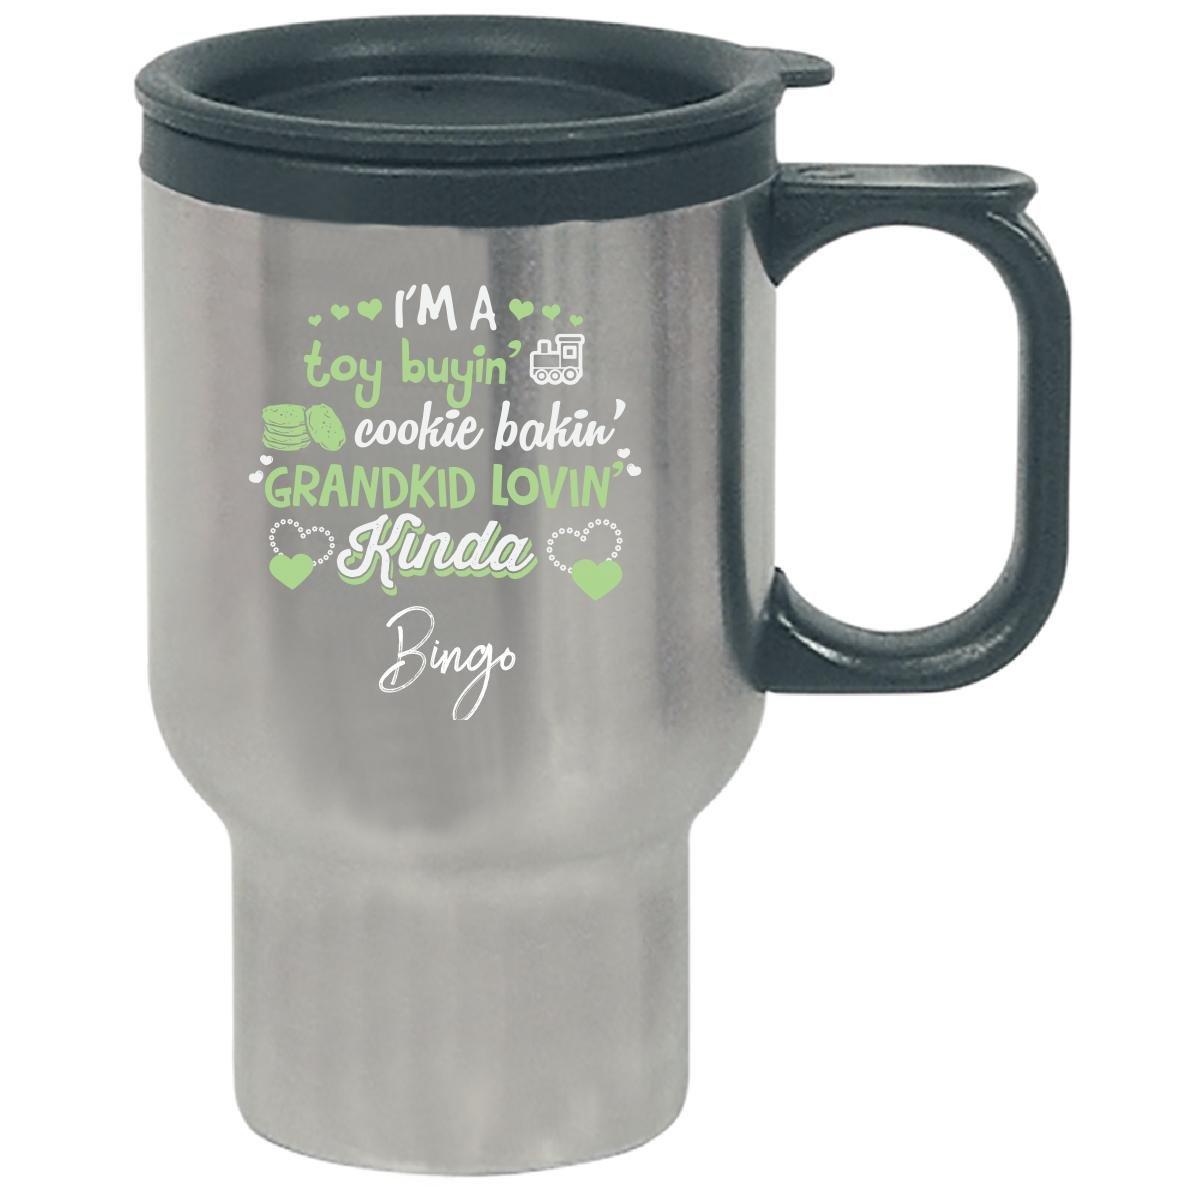 Grankid Lovin' Kinda Bingo Name New Grandmother - Travel Mug